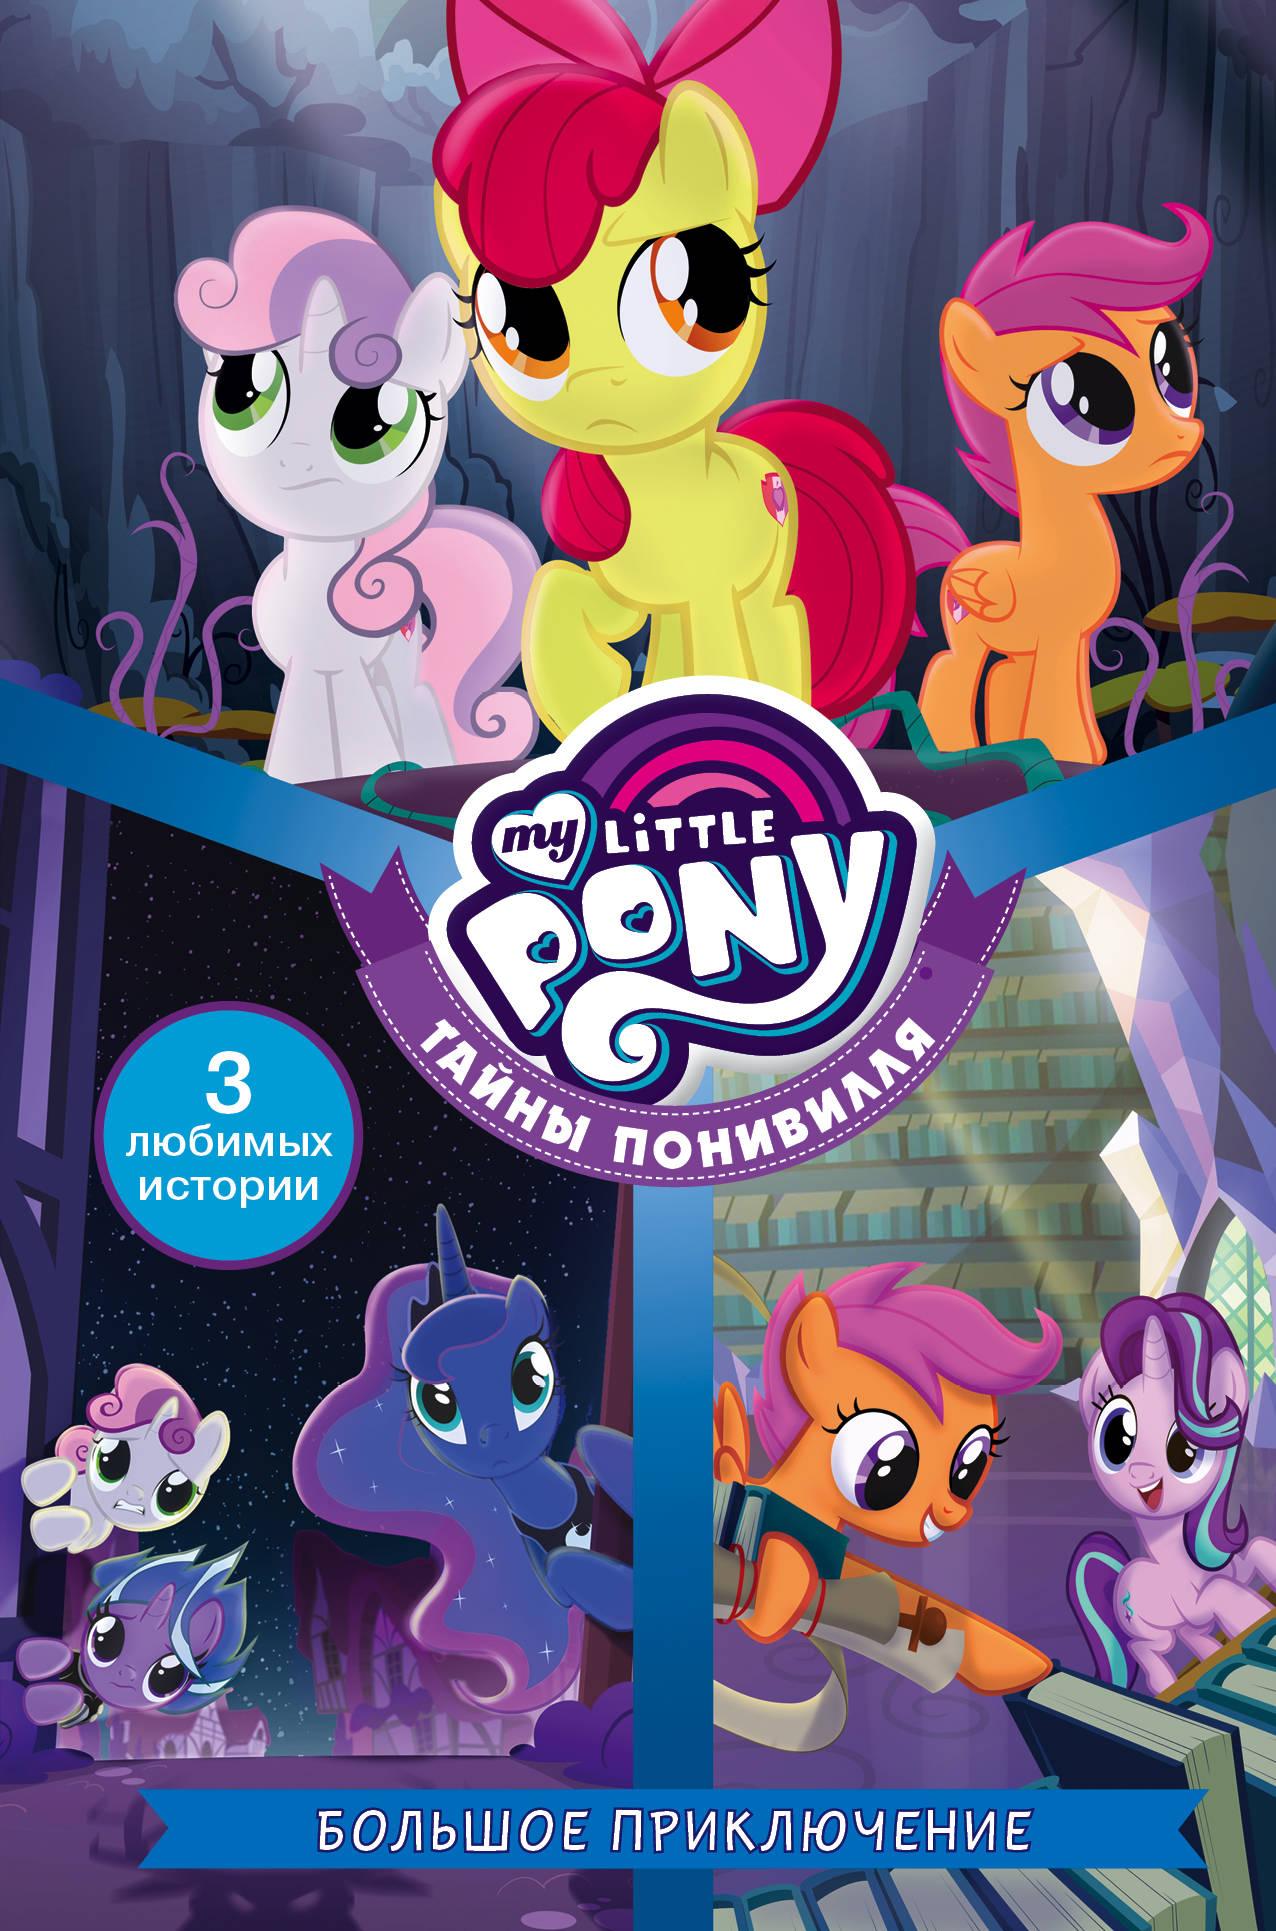 Пенумбра Куилл Мой маленький пони. Тайны Понивилля